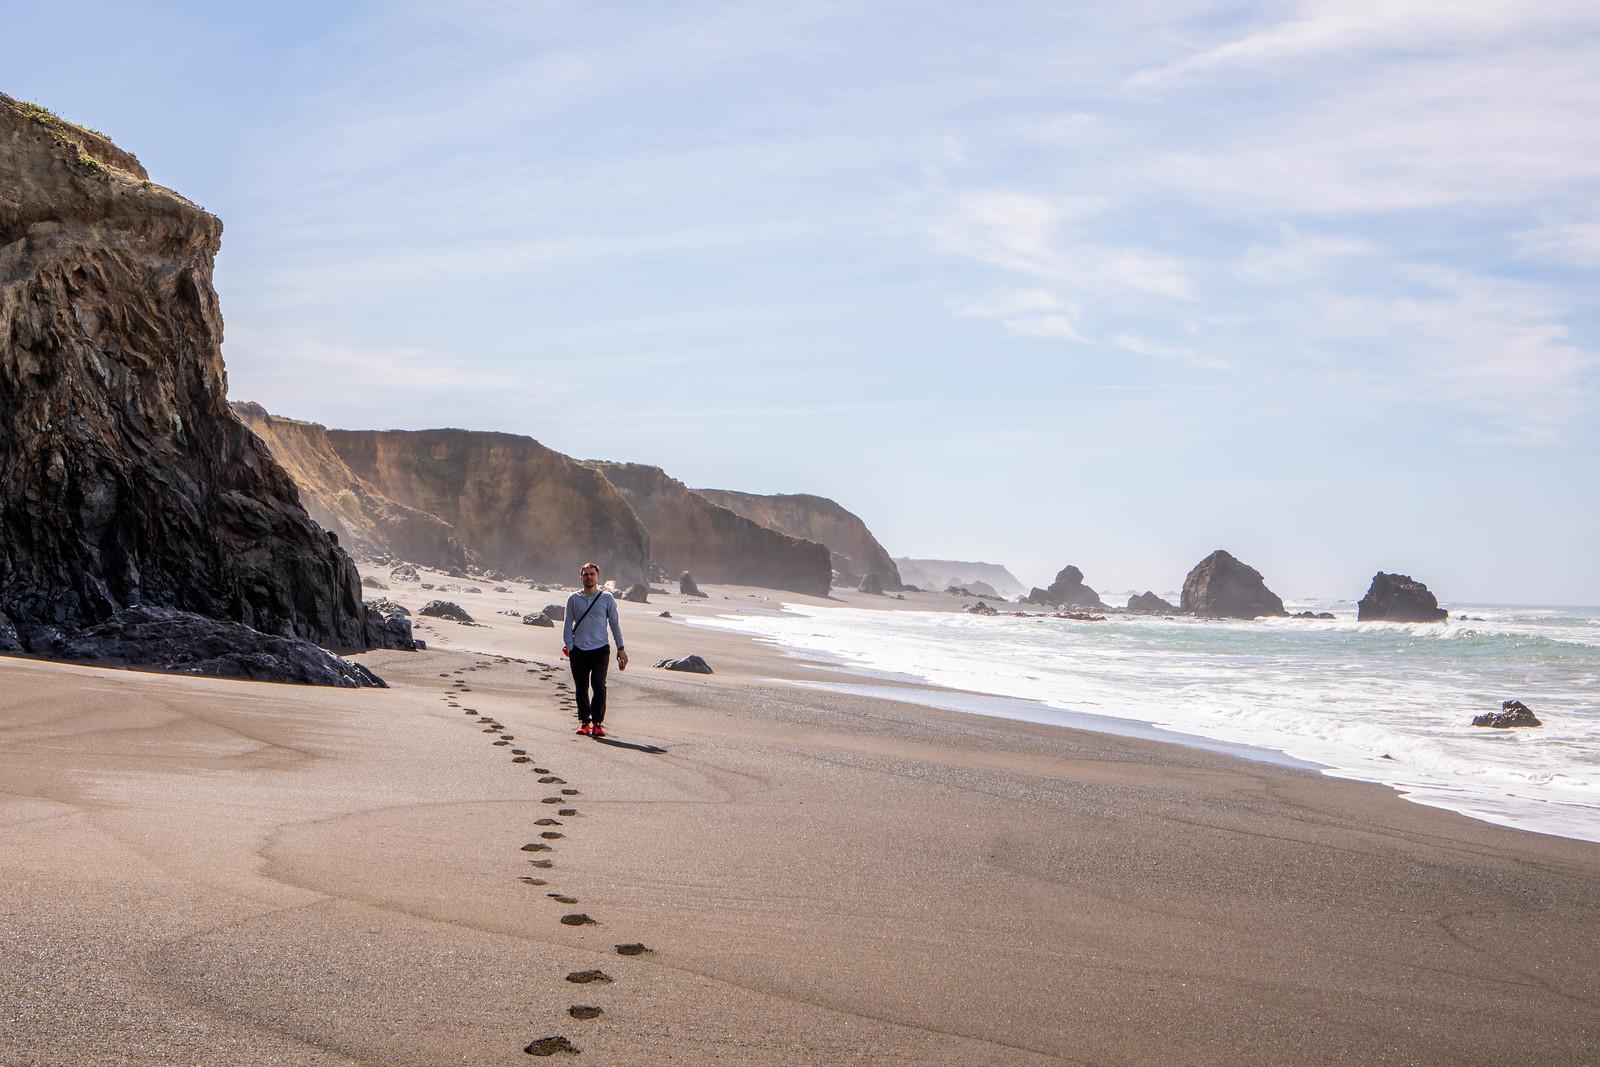 03.16. Westport-Union Landing State Beach